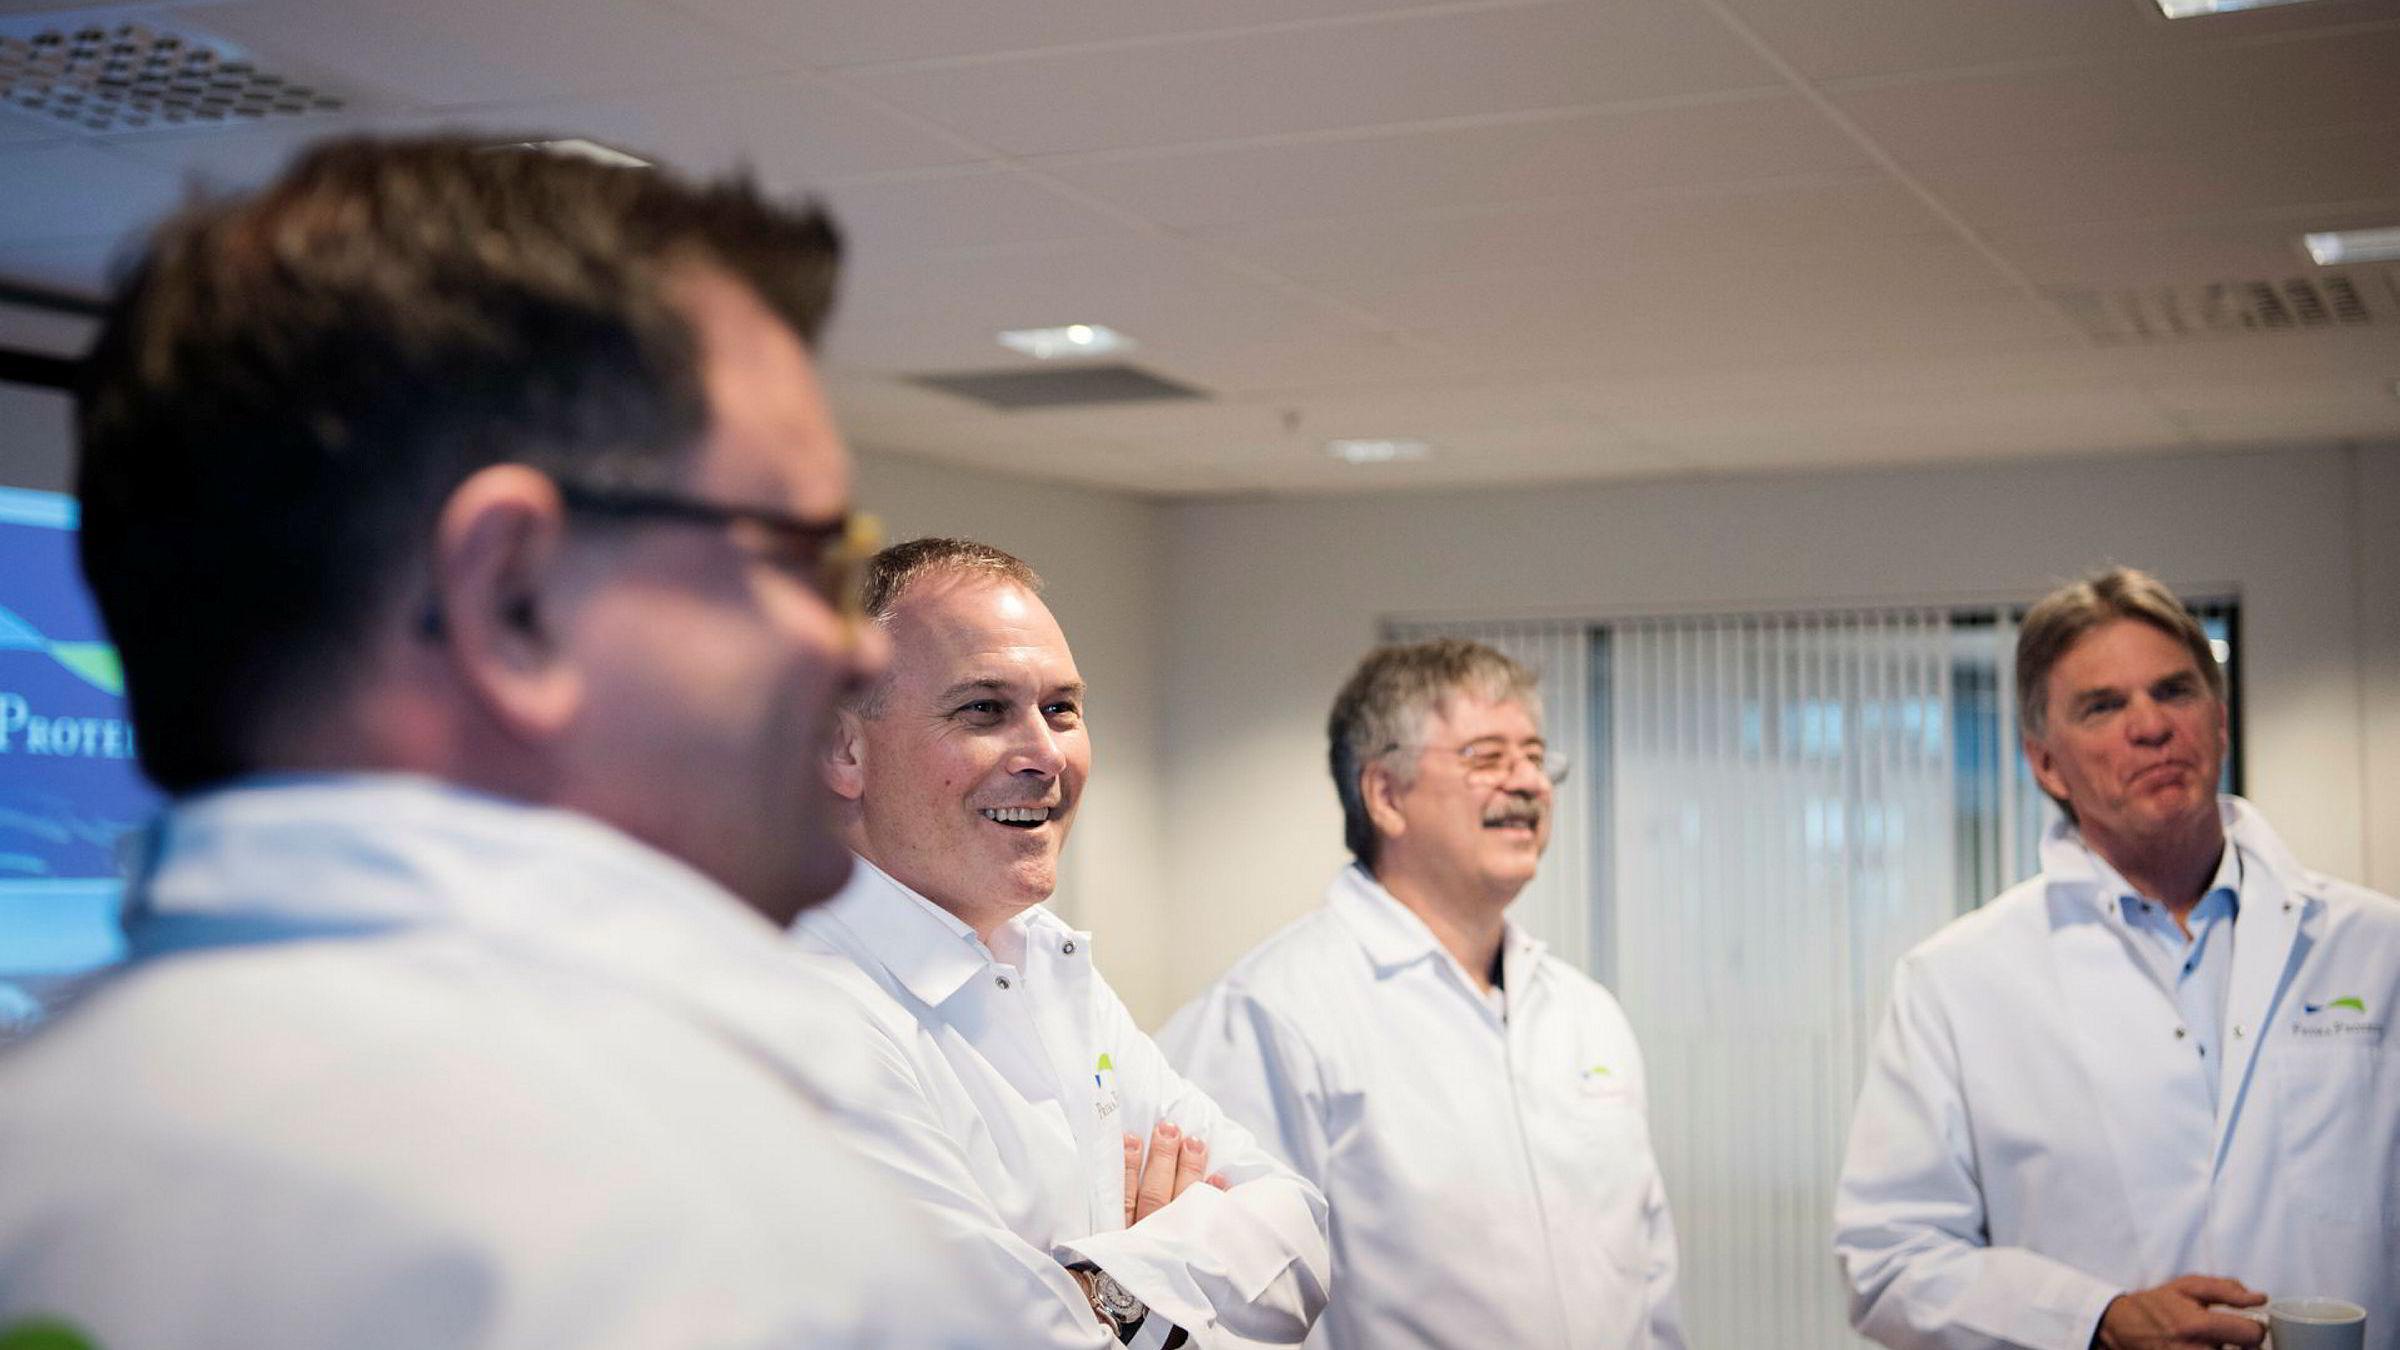 Jakob Hatteland og Anbjørn Øglend (i midten) går sammen om å bygge en ny fabrikk til 300 millioner kroner i Egersund. Her sammen med finansdirektør i Prima Jæren Espen Bratten (til venstre) og Ola Bekken, administrerende direktør i Felleskjøpet Rogaland Agder.